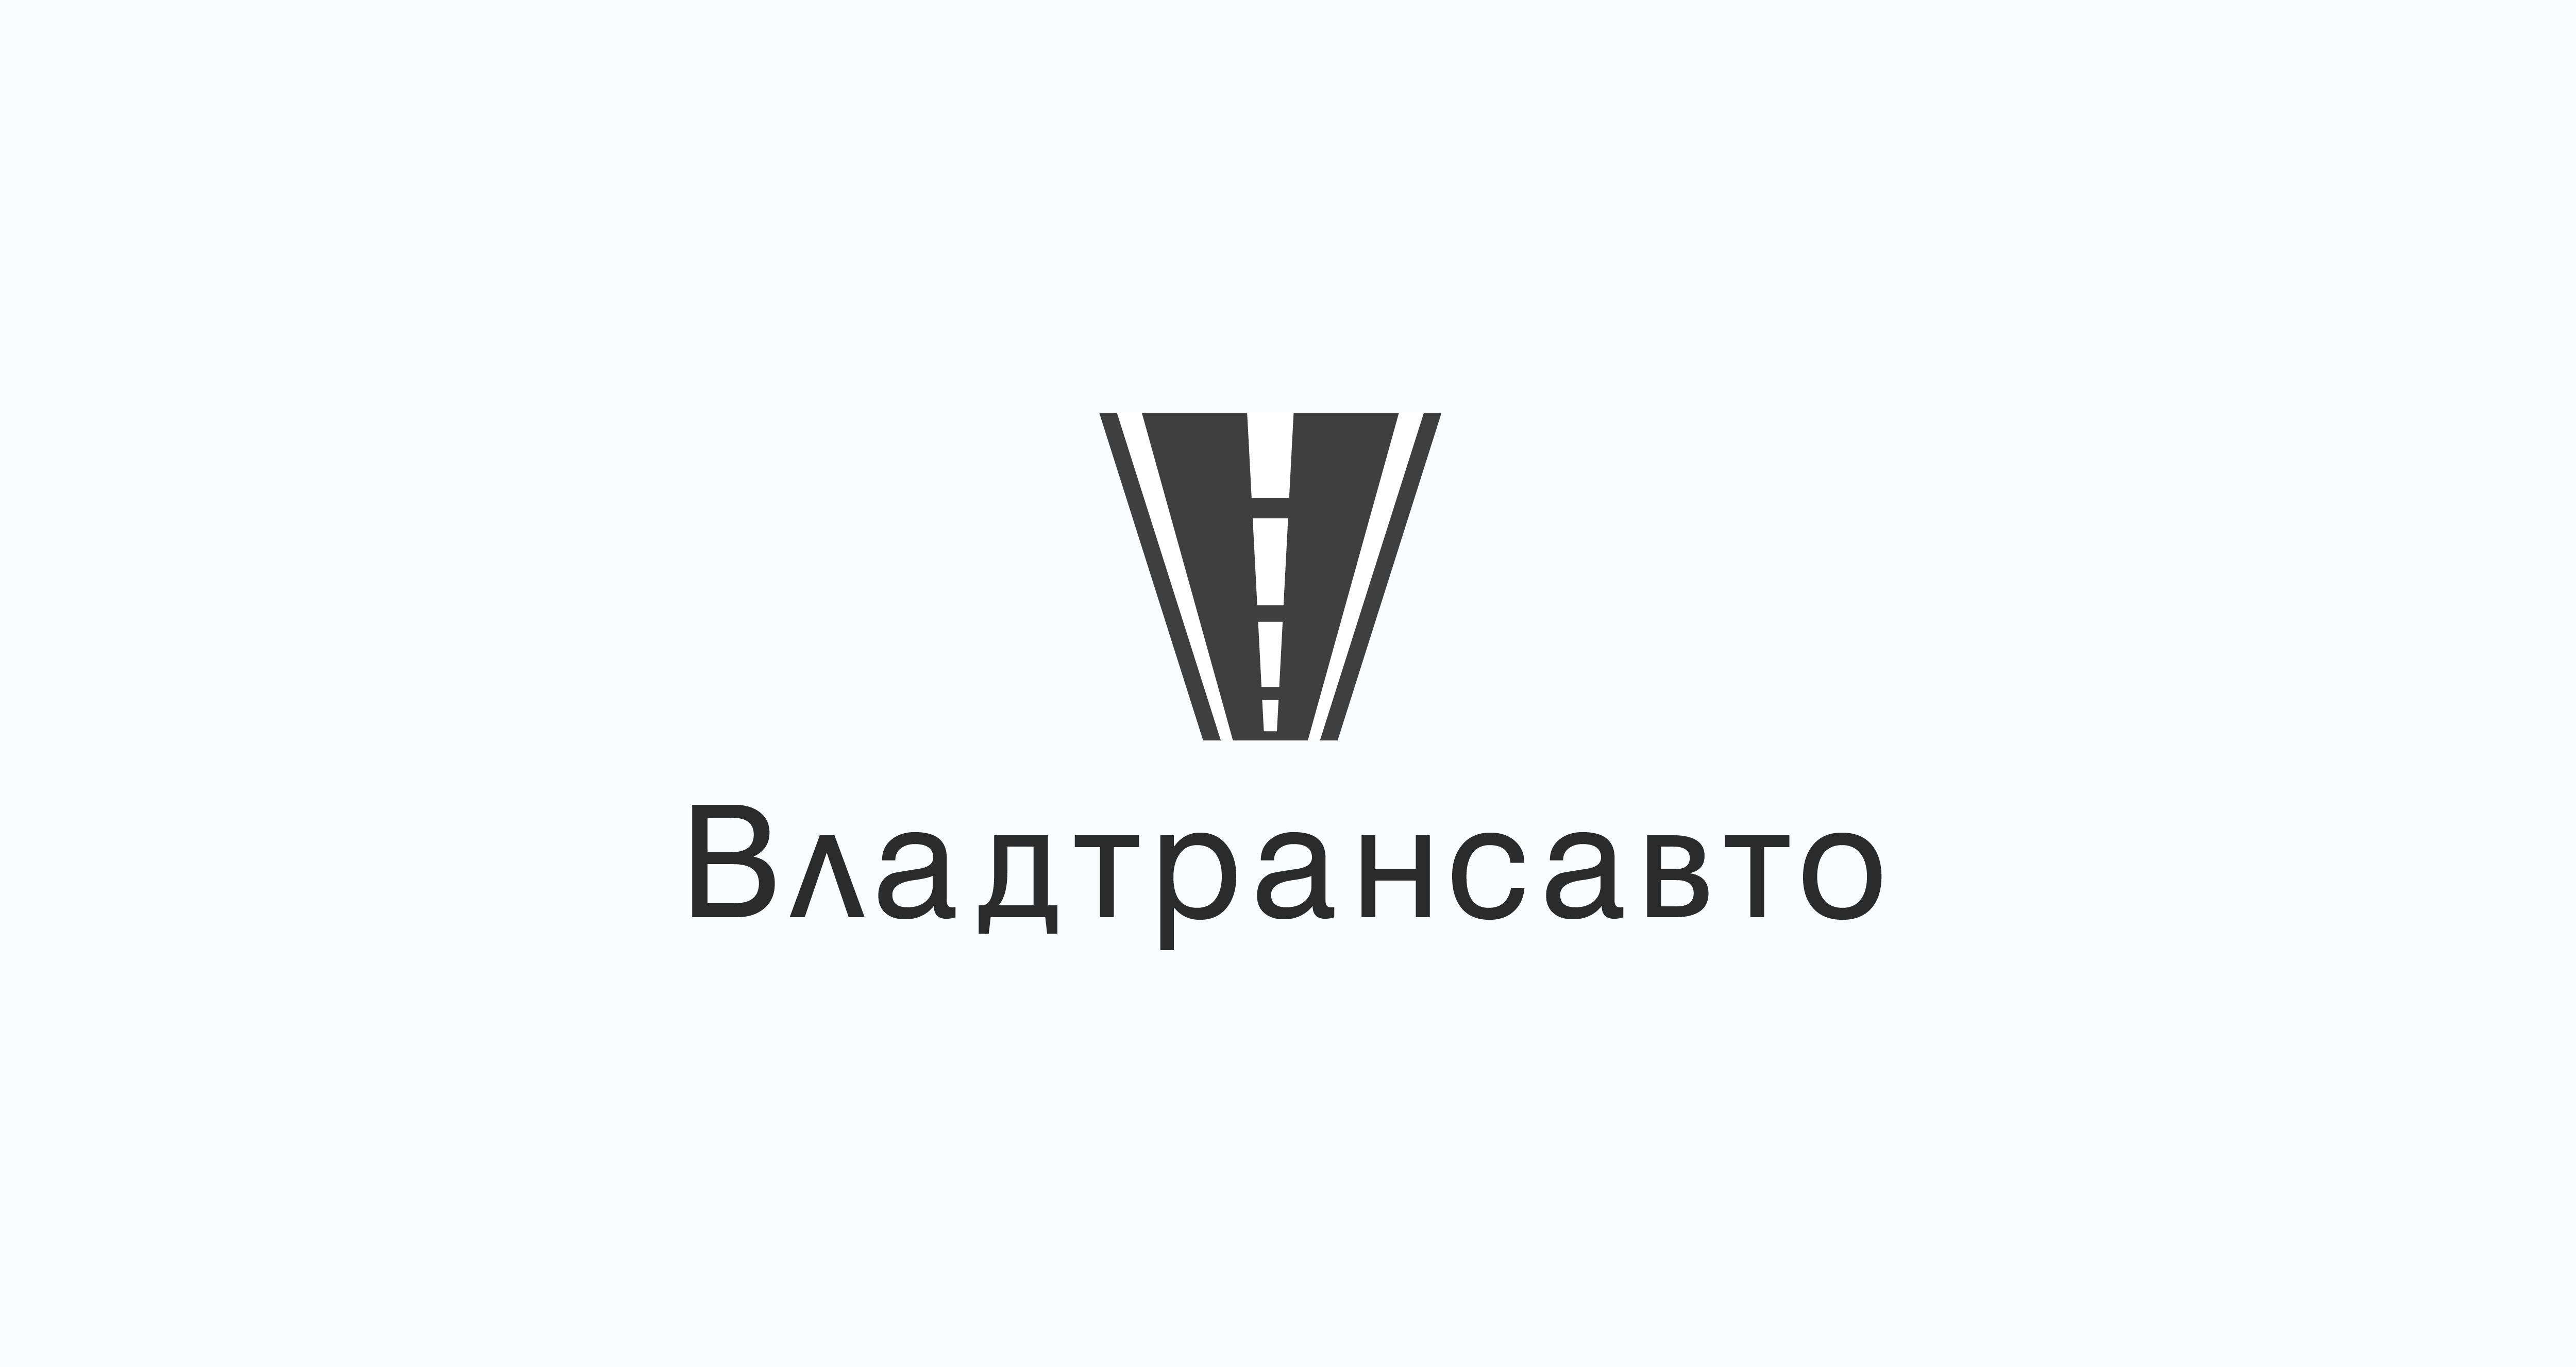 Логотип и фирменный стиль для транспортной компании Владтрансавто фото f_2665ce6c5d5af5cf.jpg